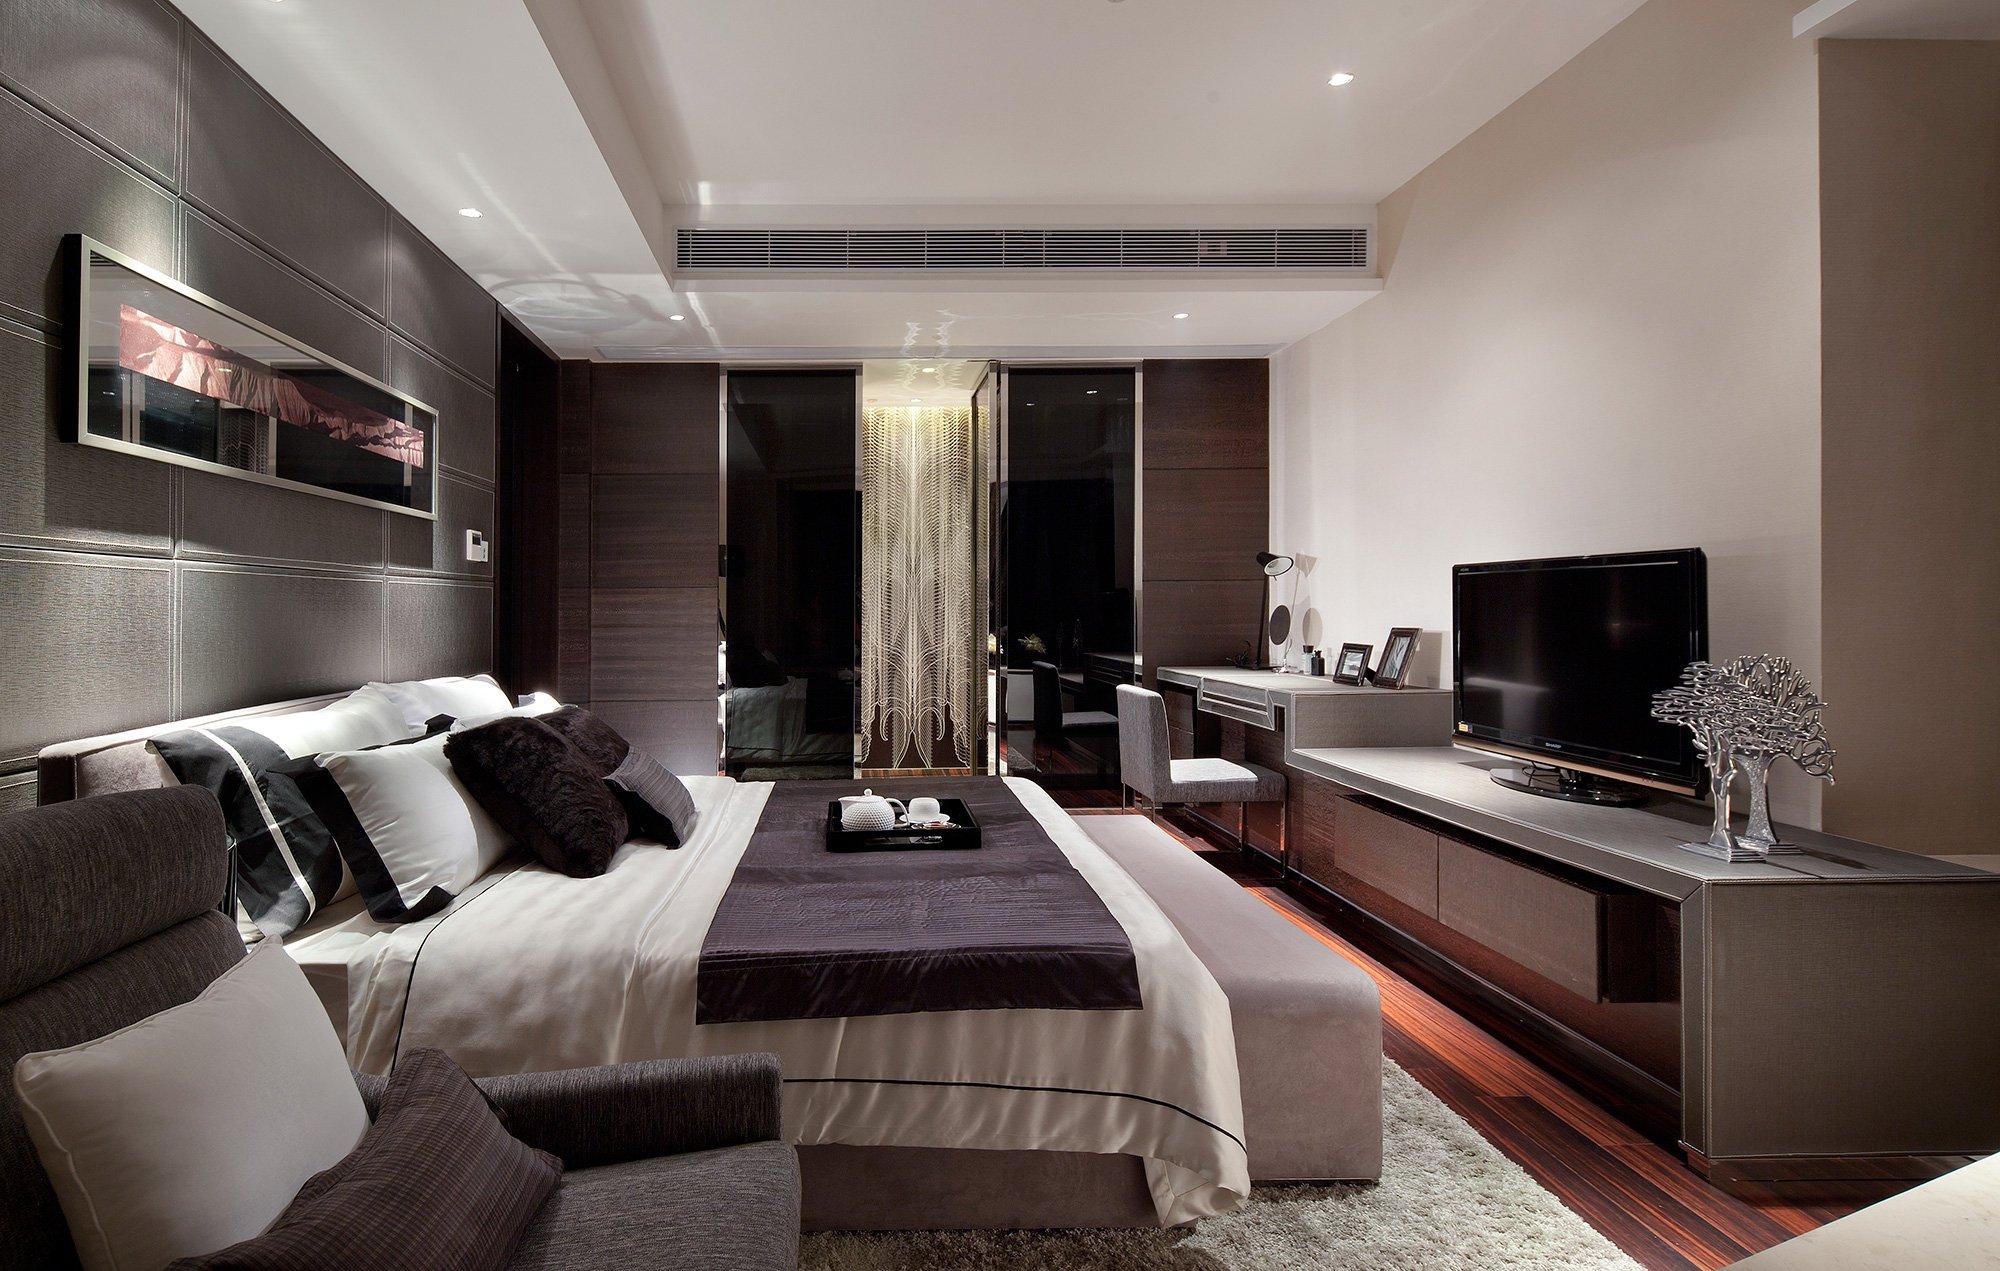 Merveilleux Belle Chambre A Coucher #2: ... g ...